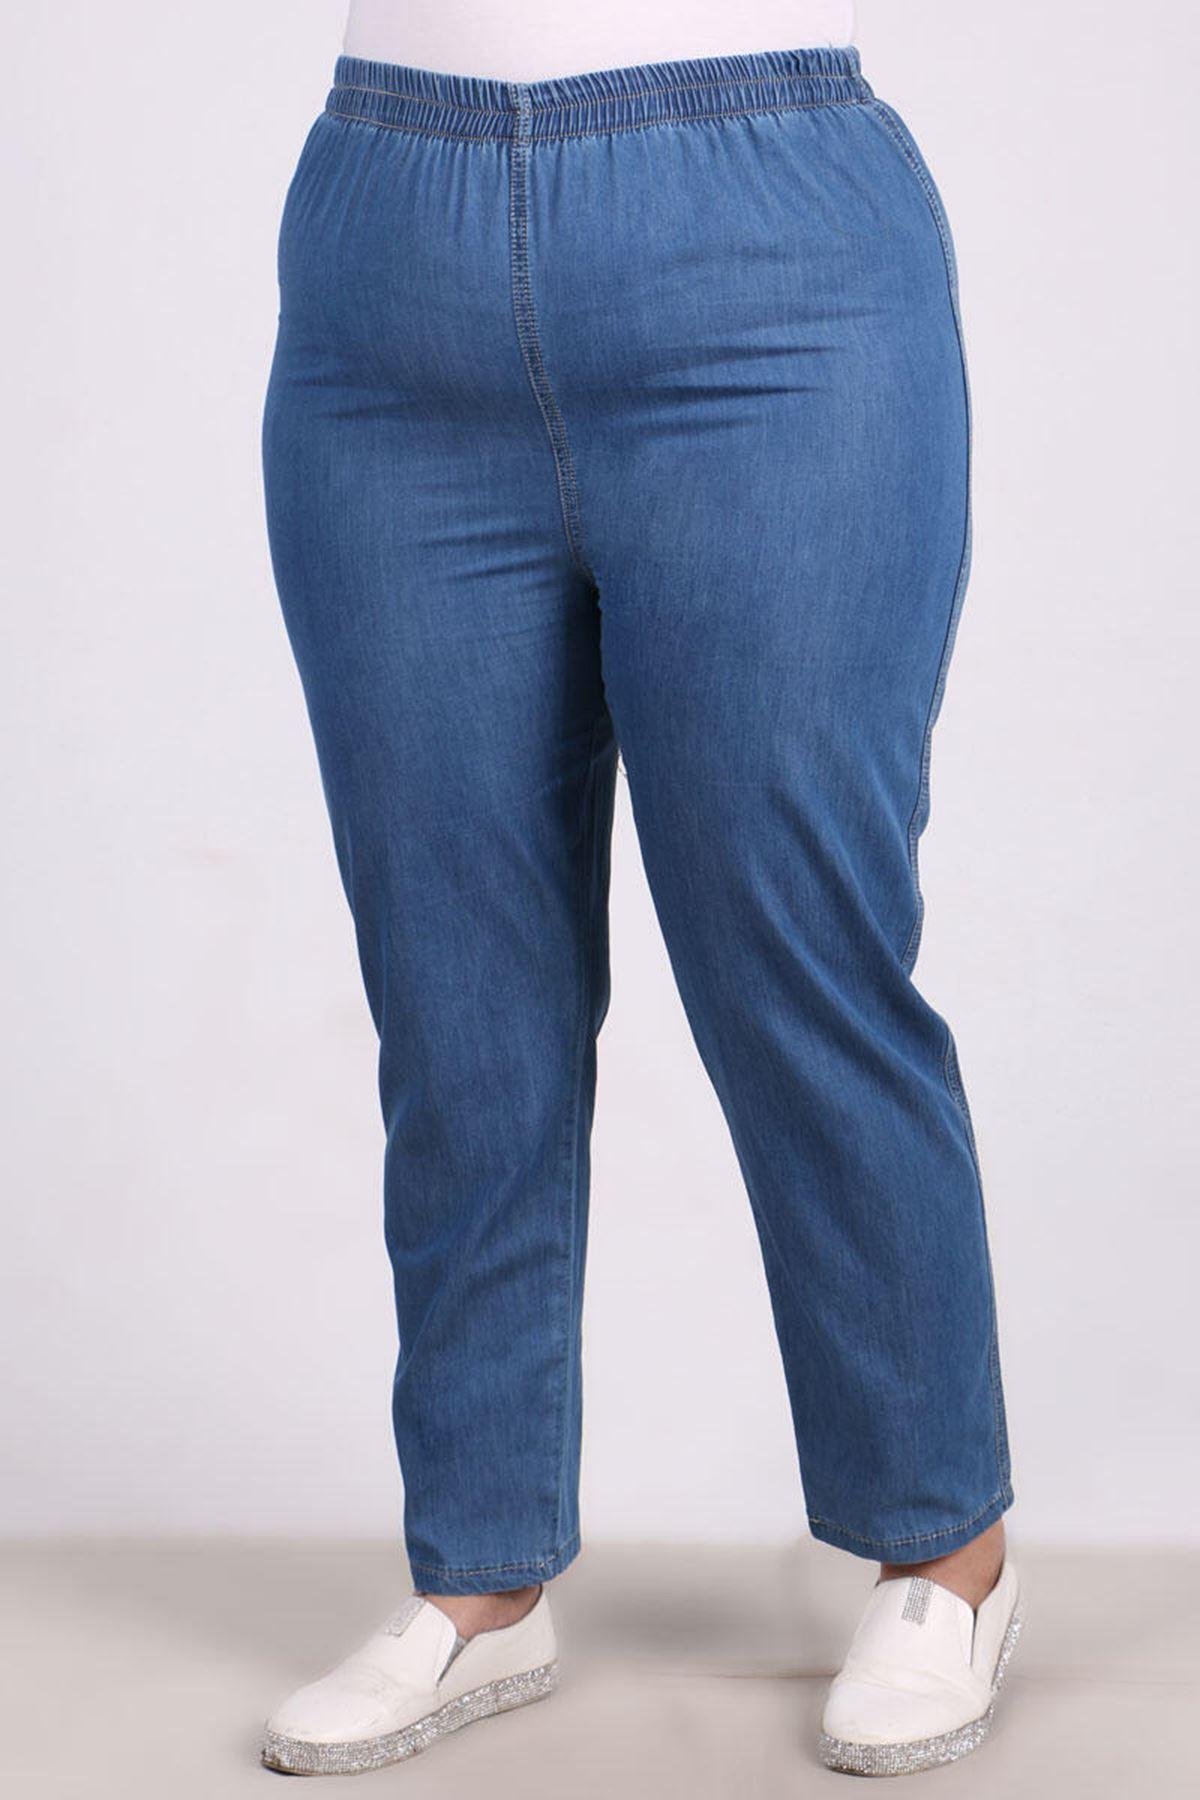 7680 Plus Size Denim Pants Suit -Blue